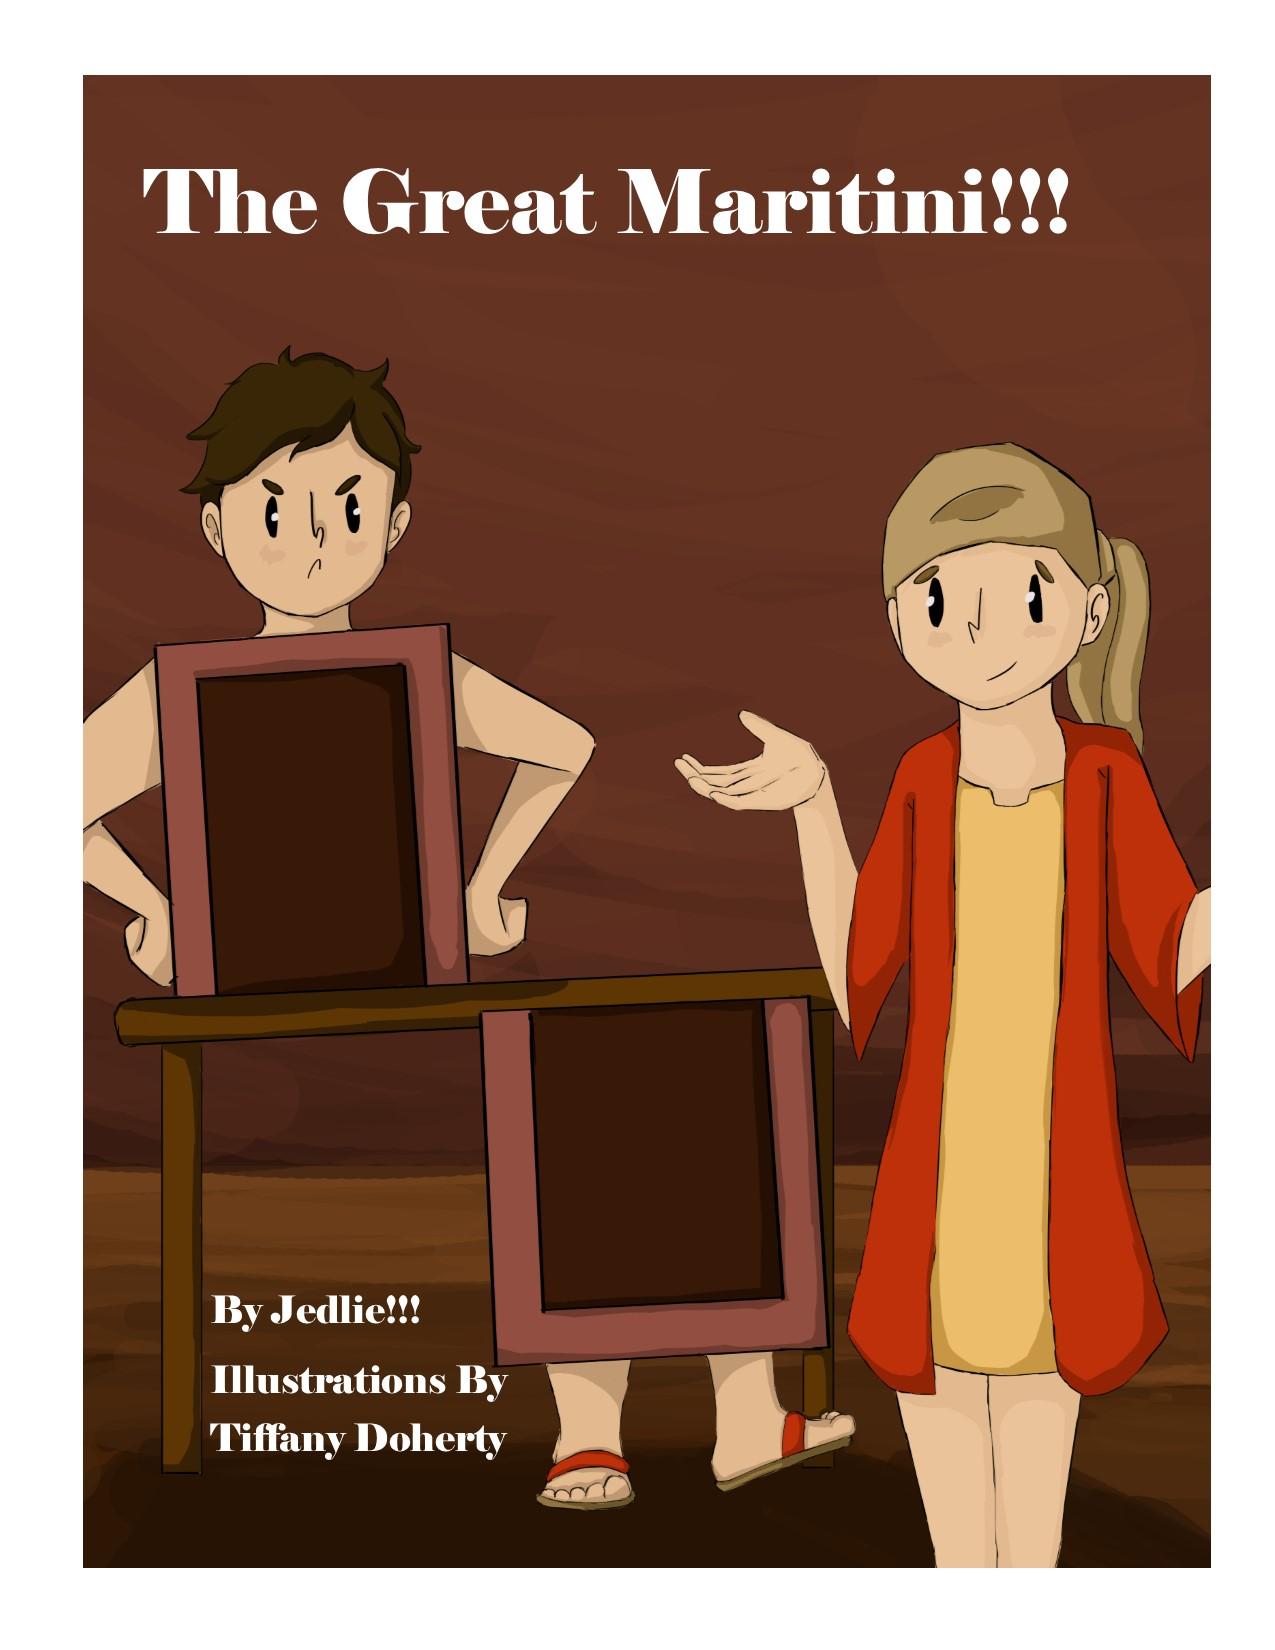 The Great Maritini